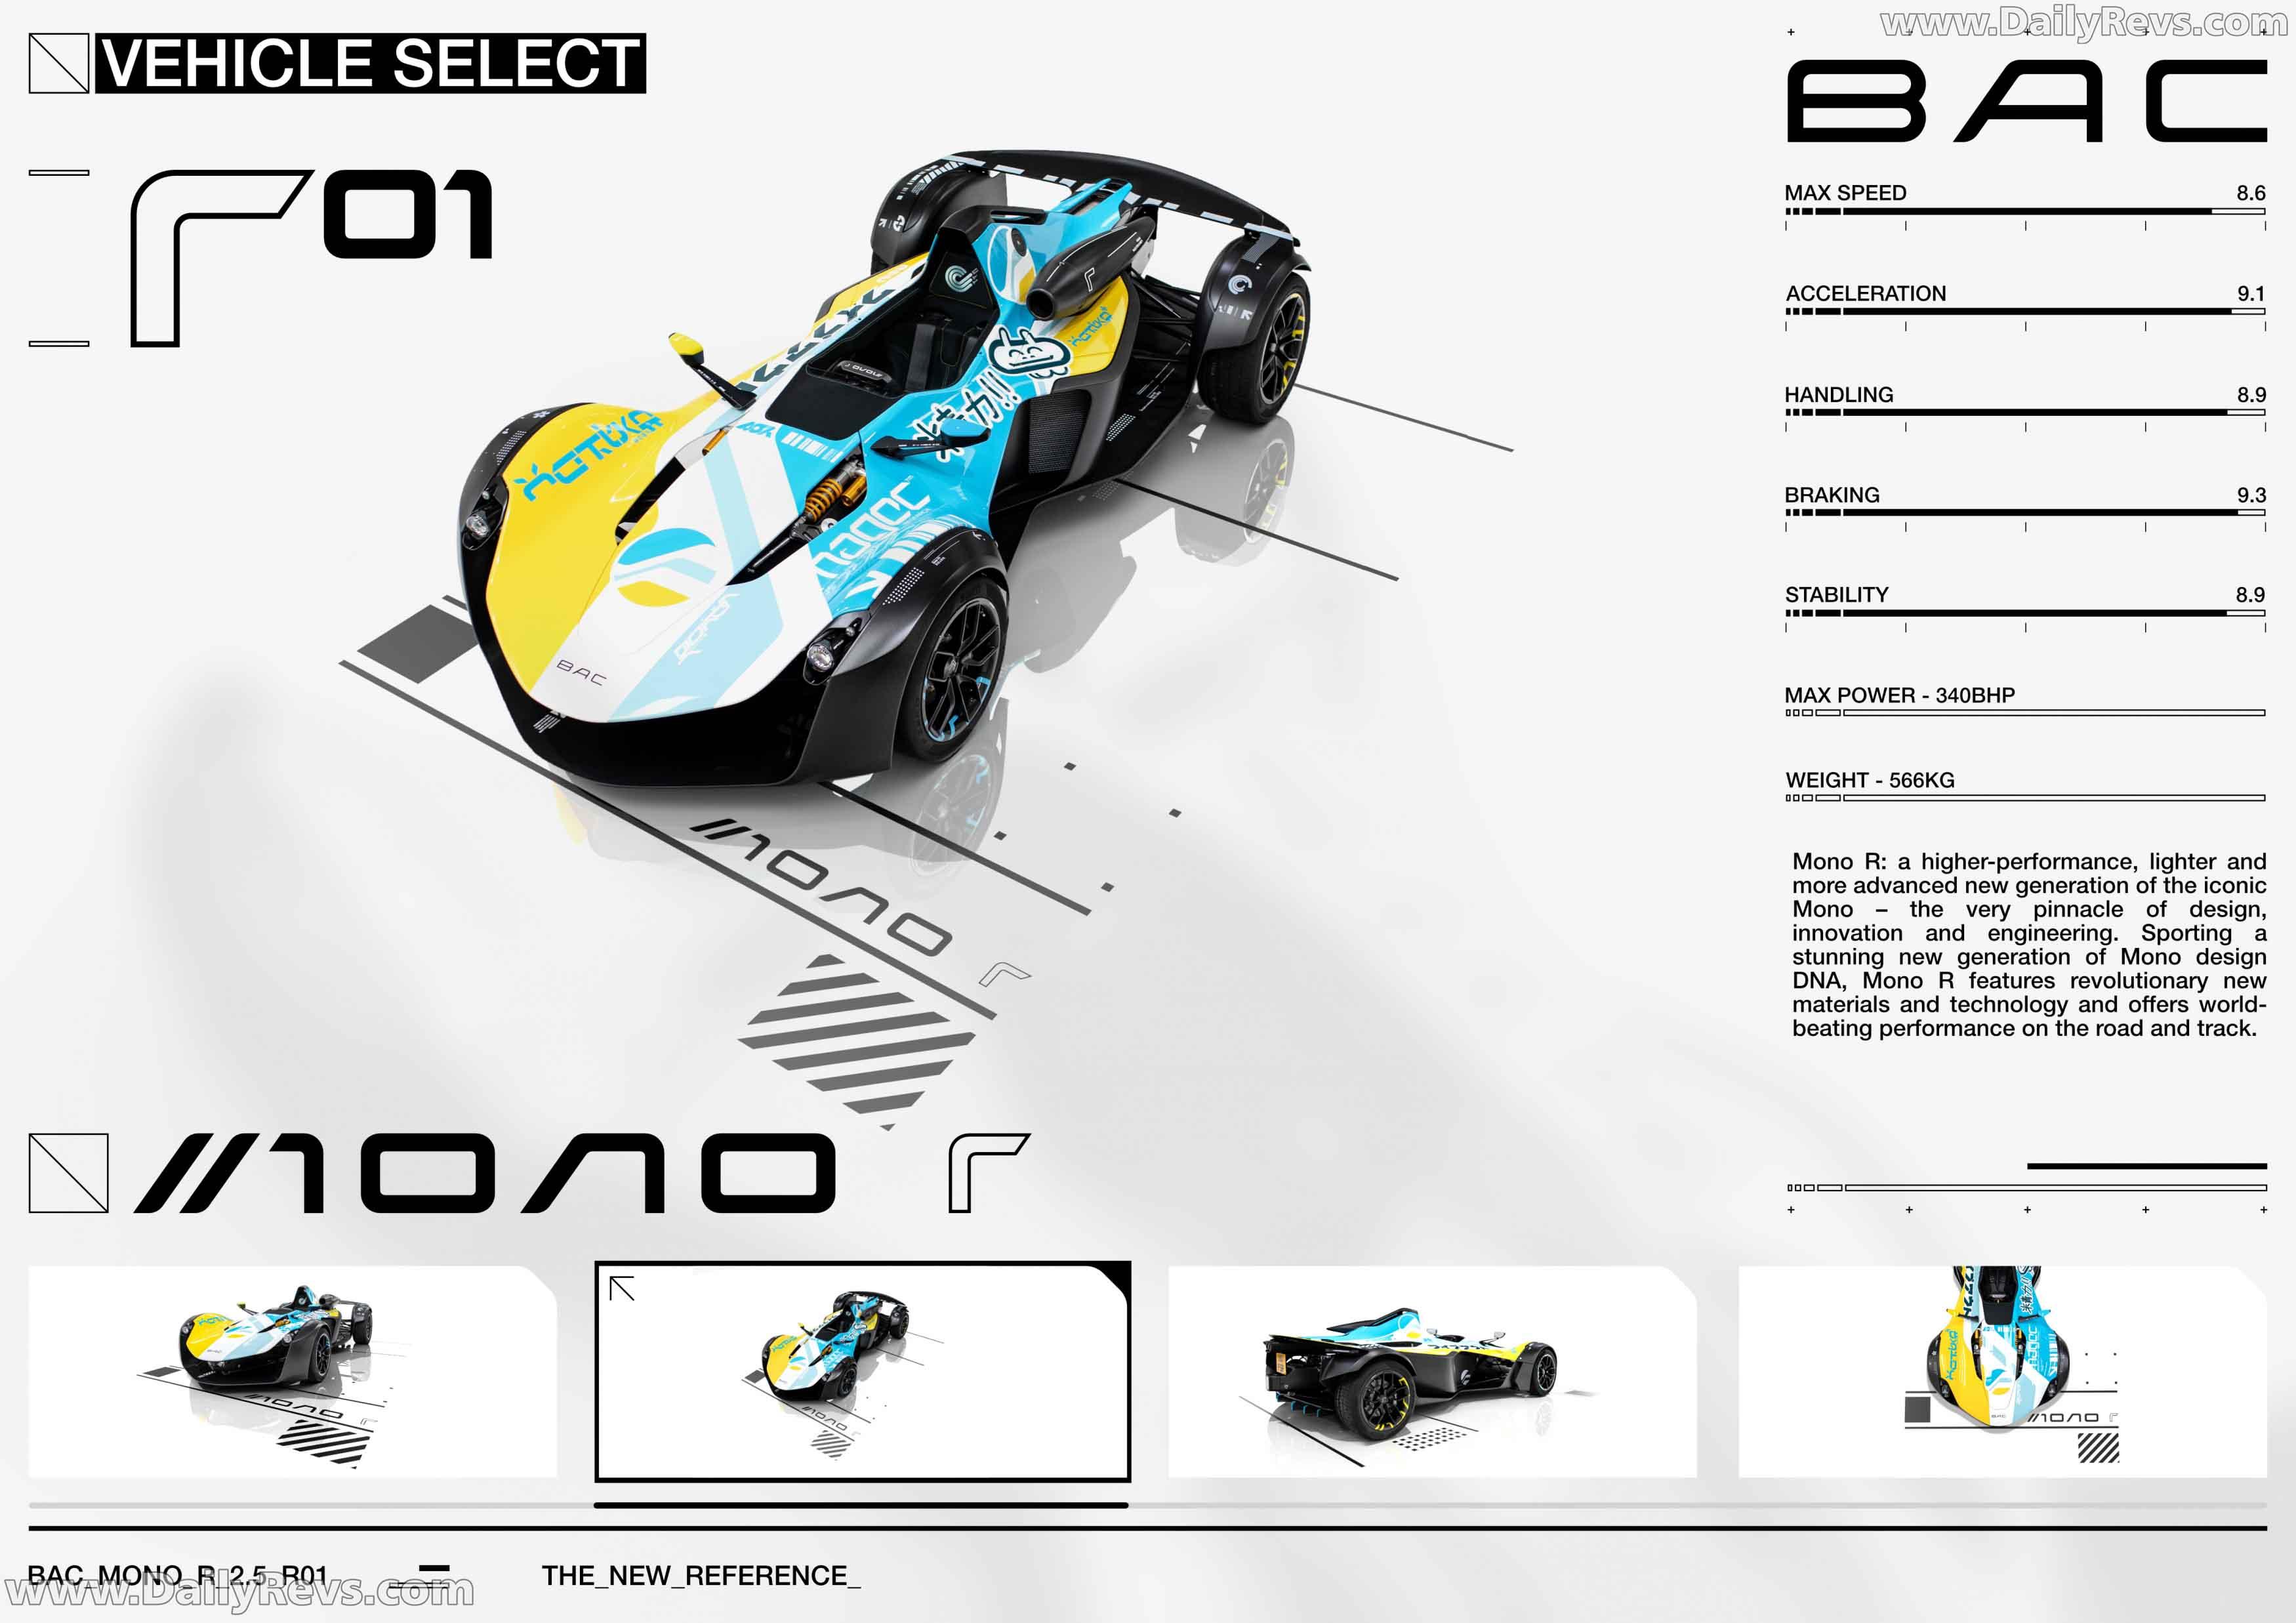 2020 BAC Mono R full